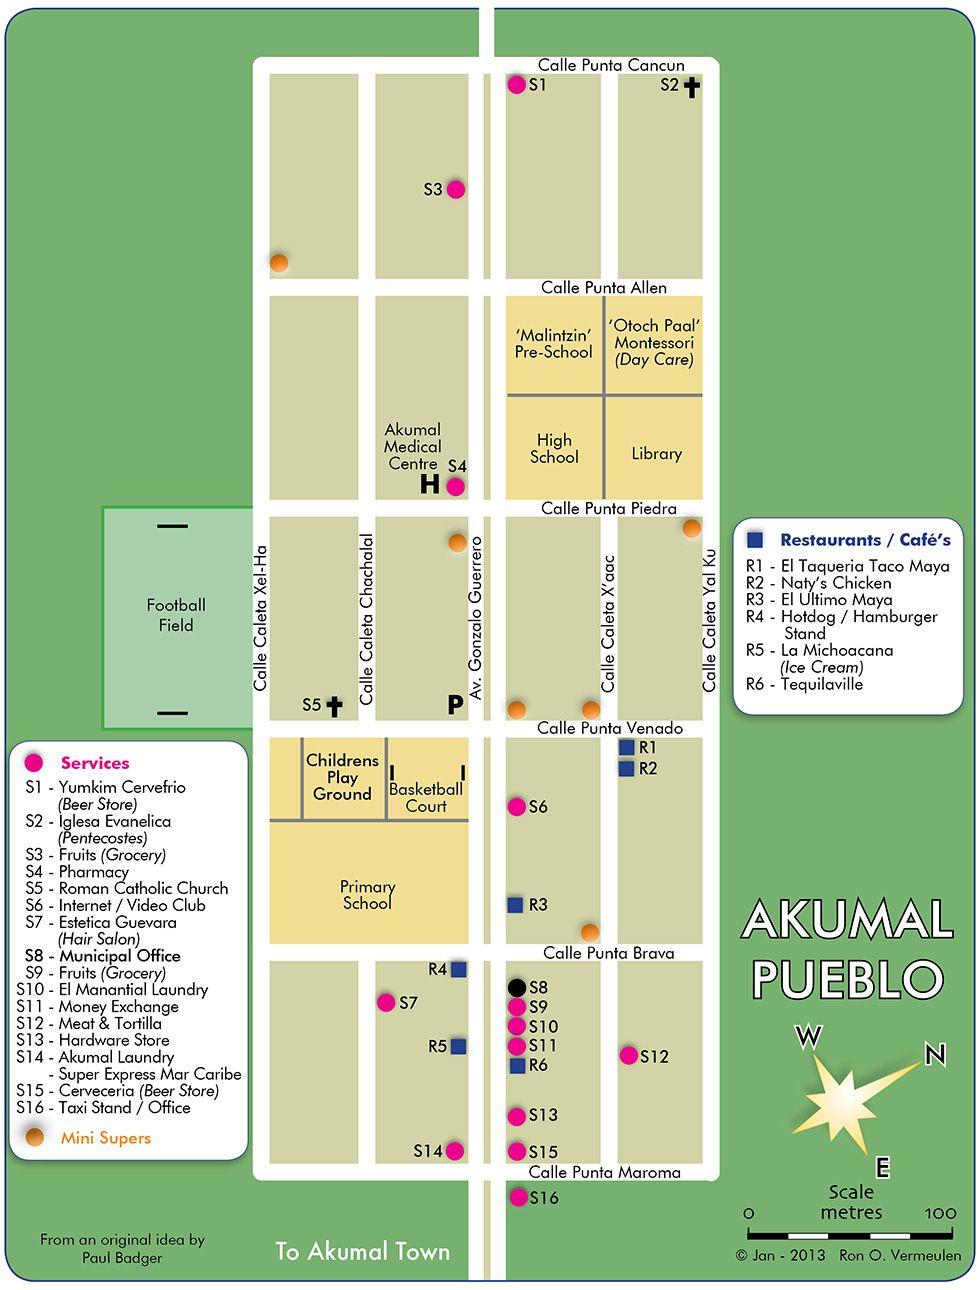 Akumal Pueblo Map | Akumal Mexico in 2019 | Akumal mexico, Quintana ...